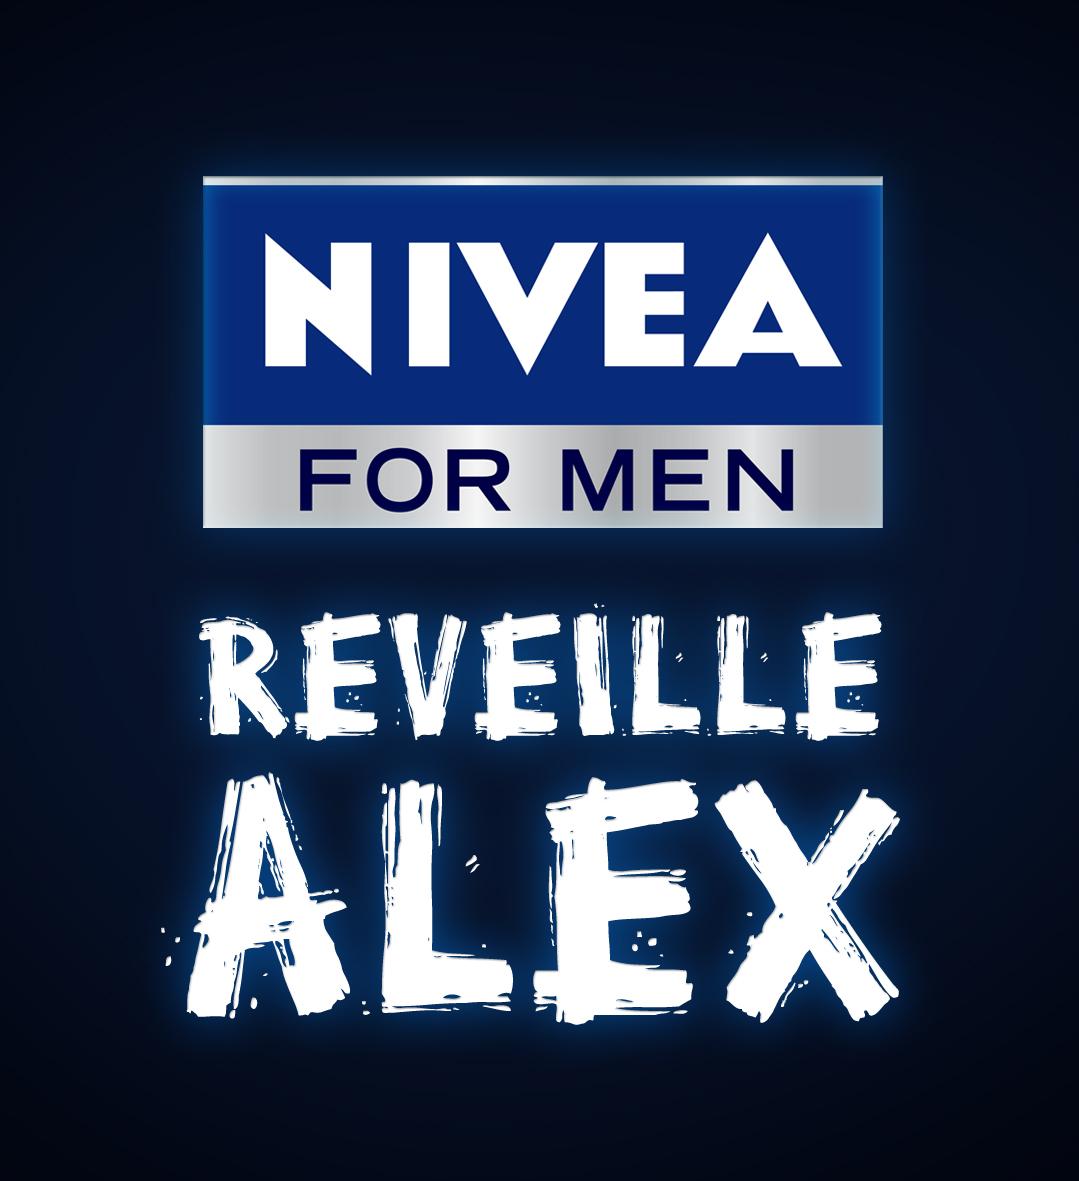 NIVEA FOR MEN lance une expérience vidéo interactive autour du réveil !